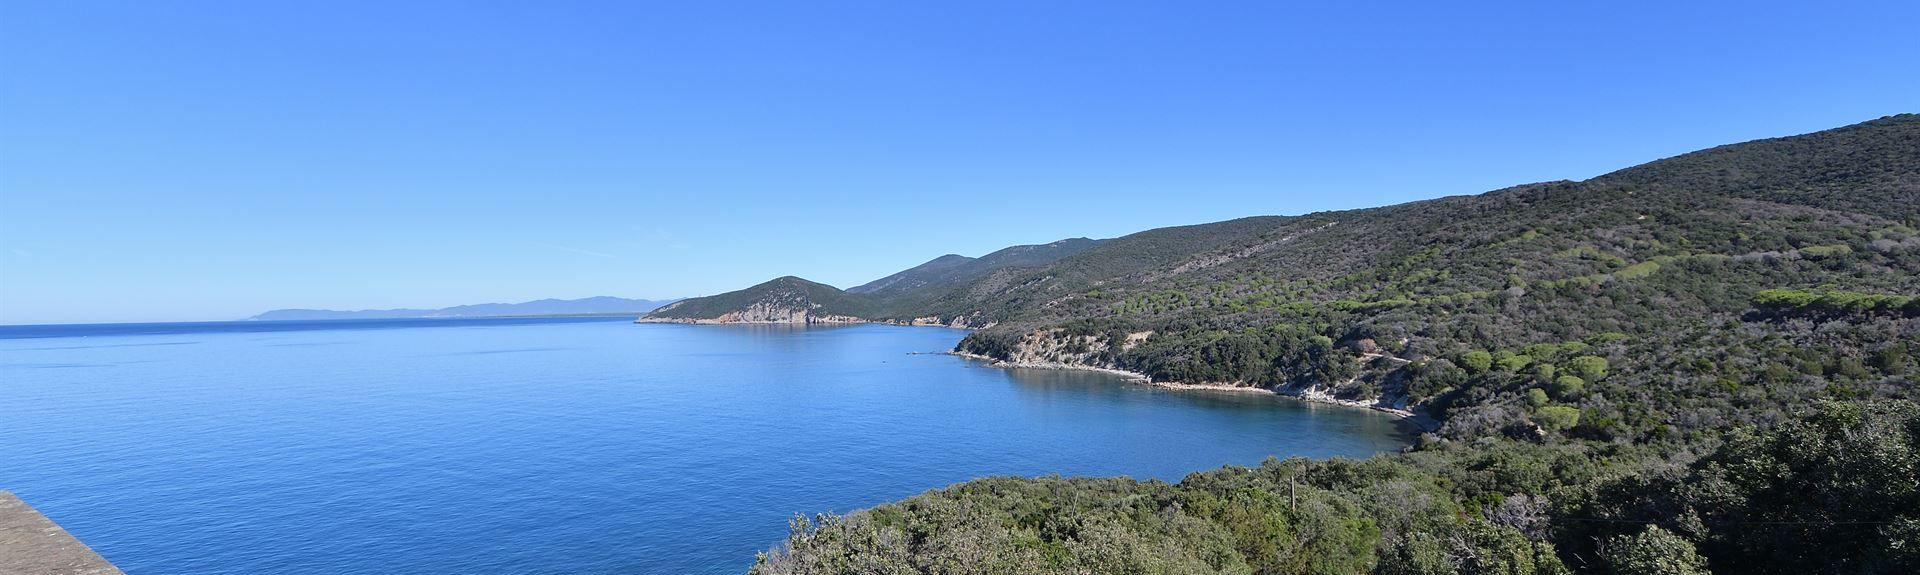 Arenella Beach, Isola del Giglio, Italy